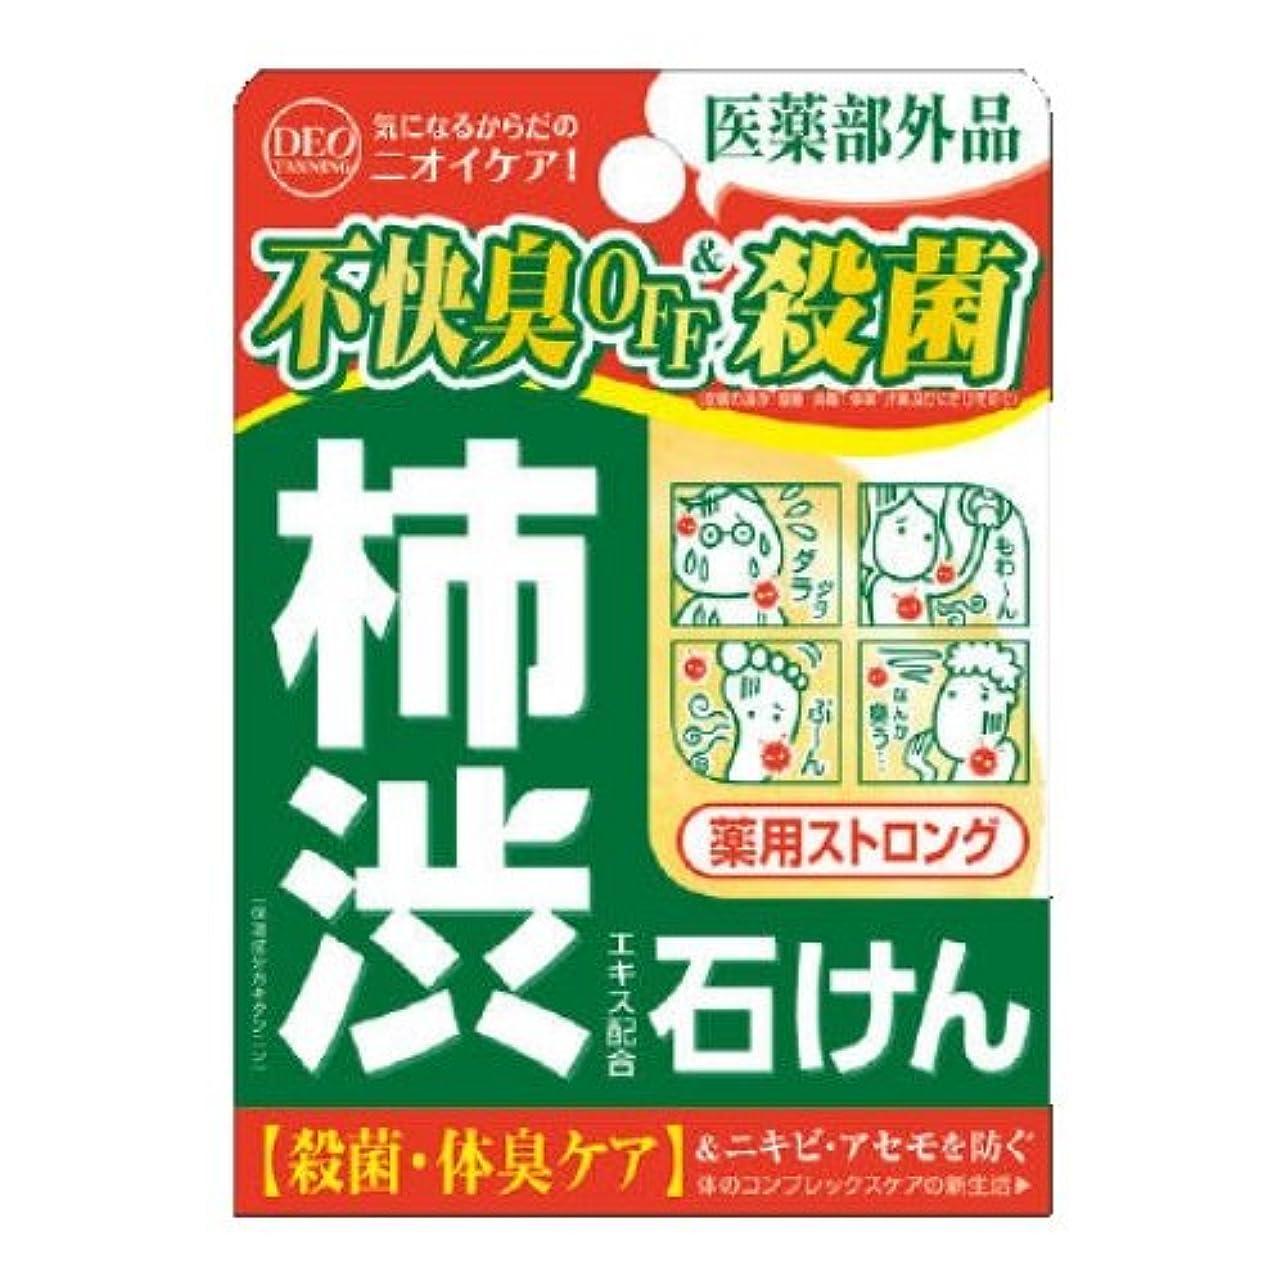 パトワ墓杭デオタンニング 薬用ストロング ソープ 100g (医薬部外品)